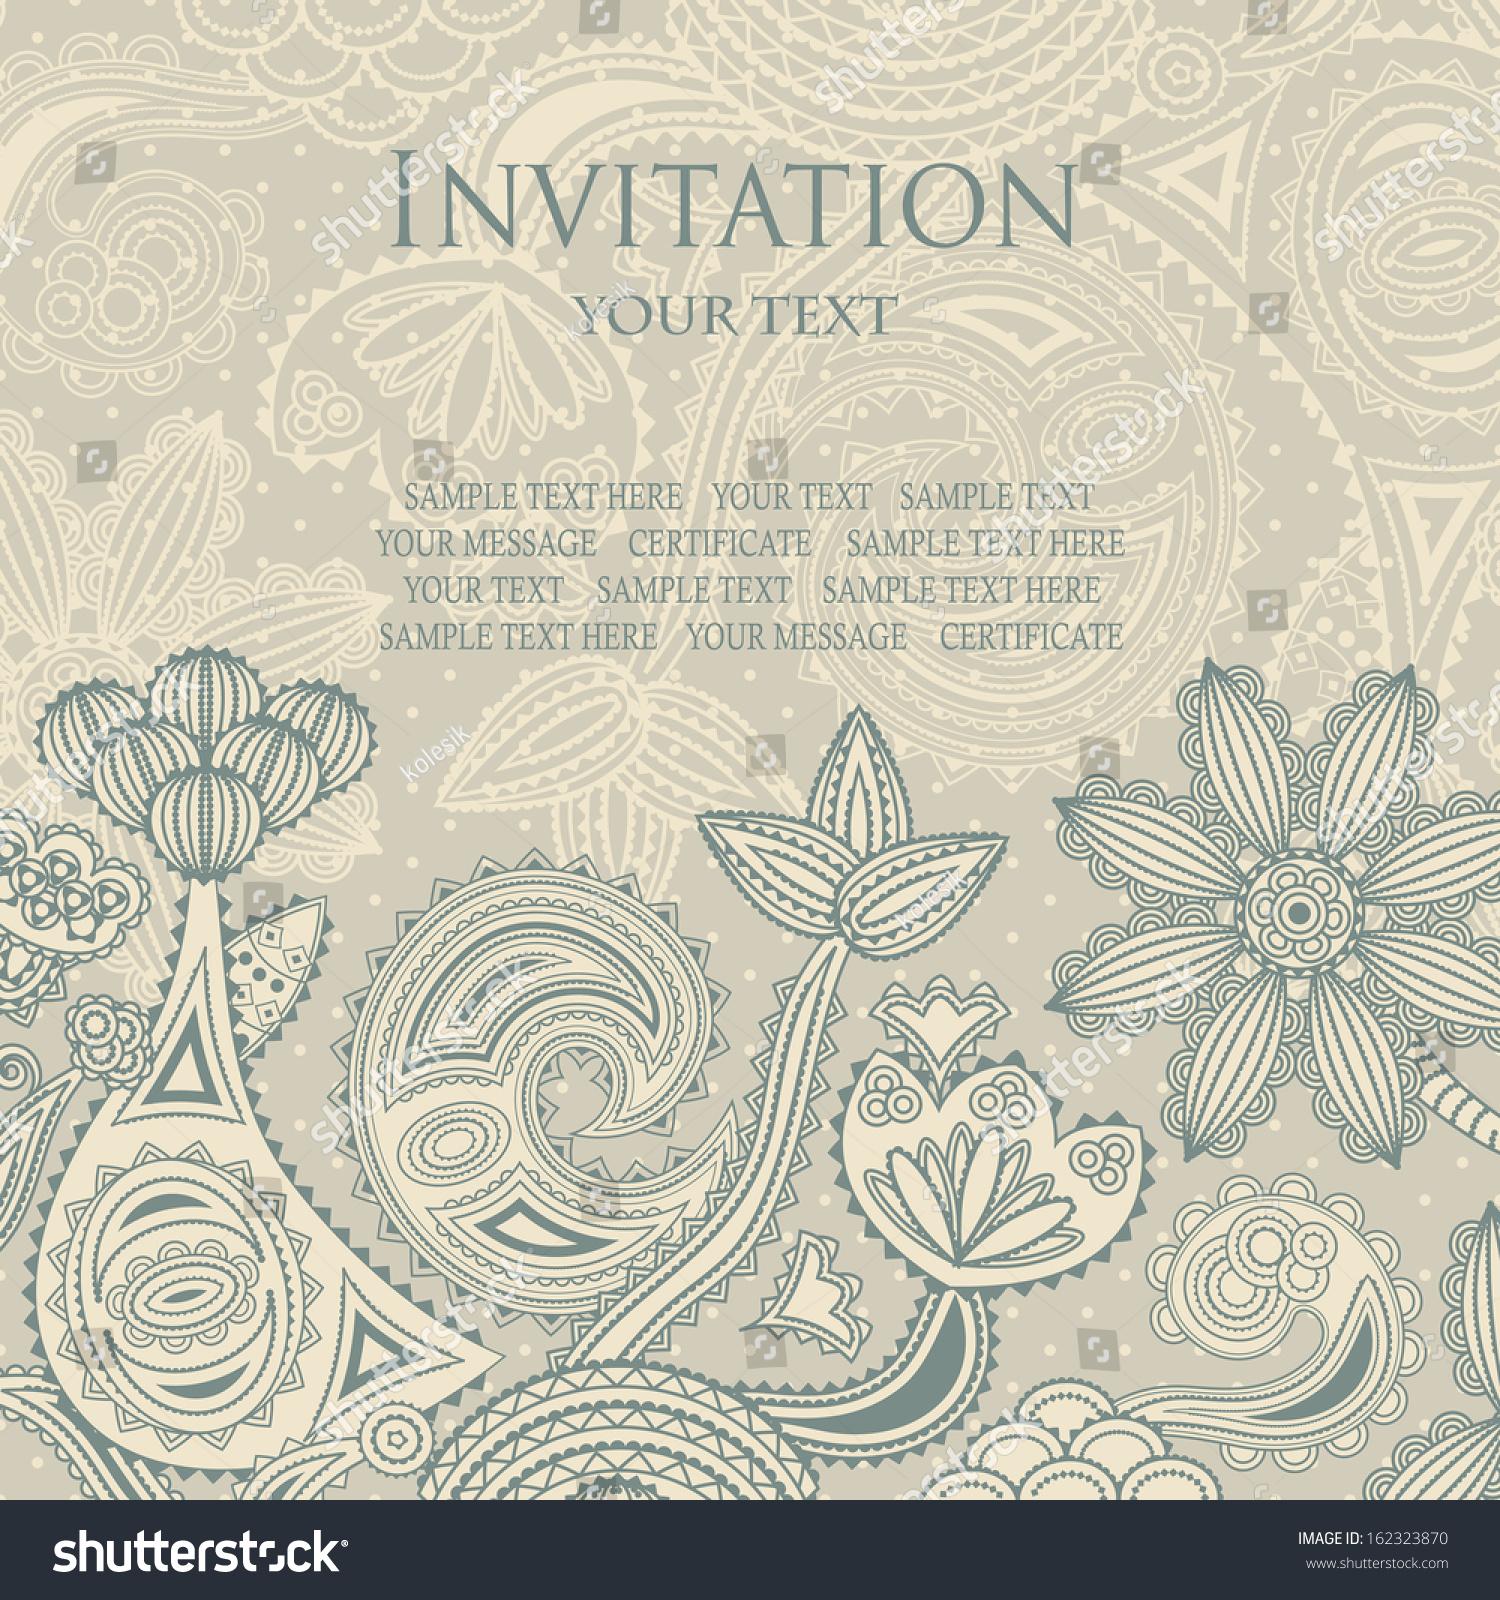 优雅的花卉设计.的背景与圆点花纹.可以作为婚礼的